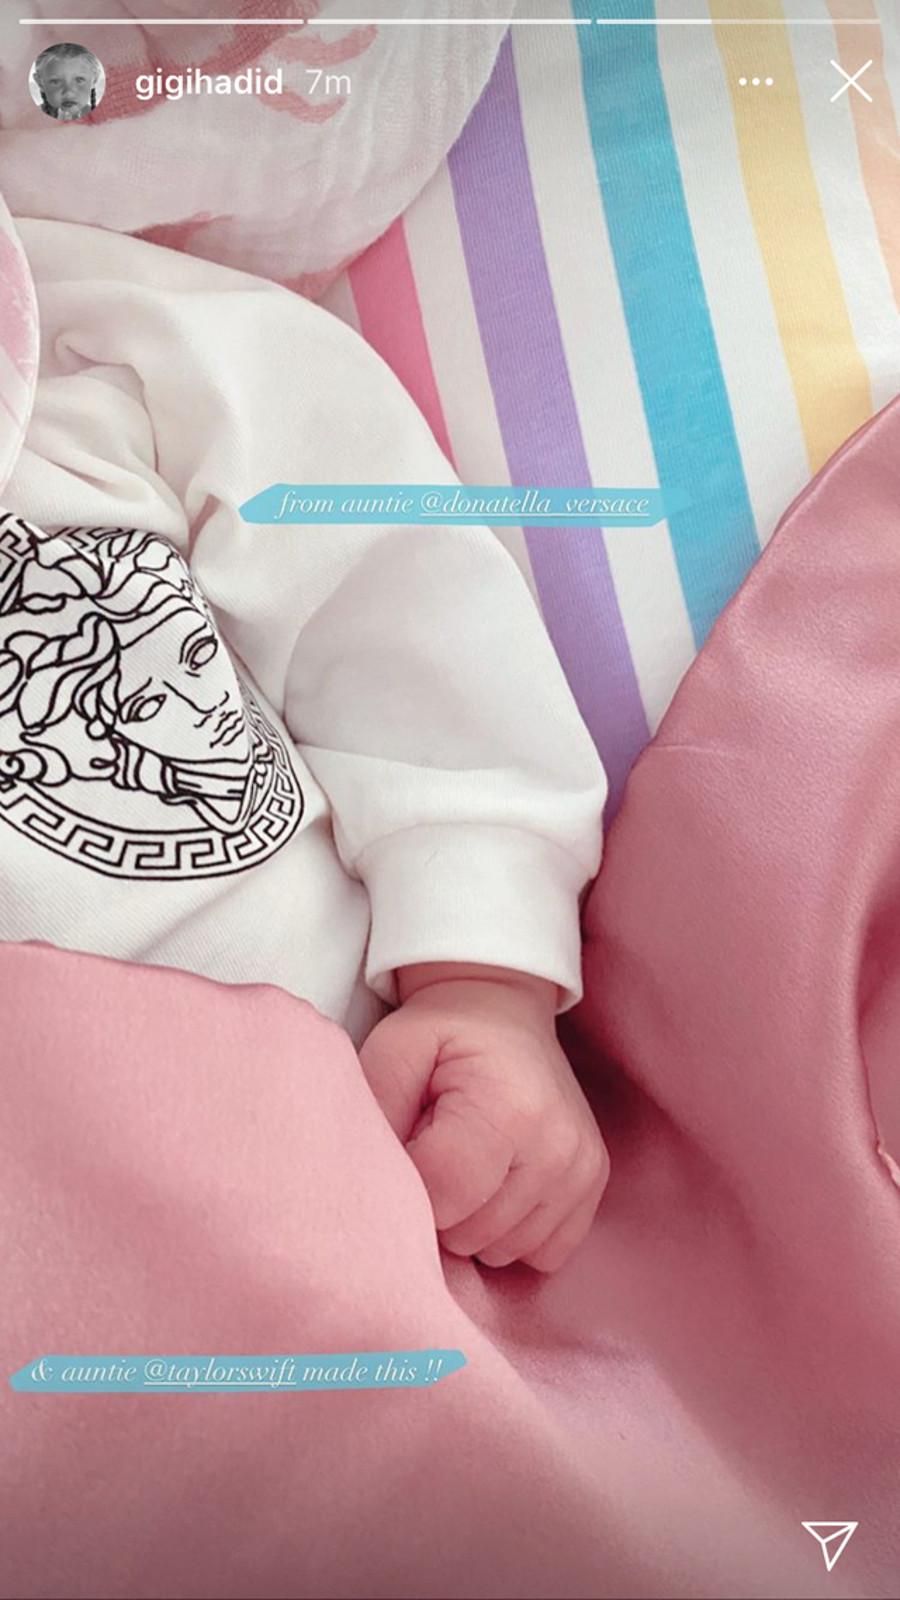 Gigi Hadid opublikowała zdjęcie córki.